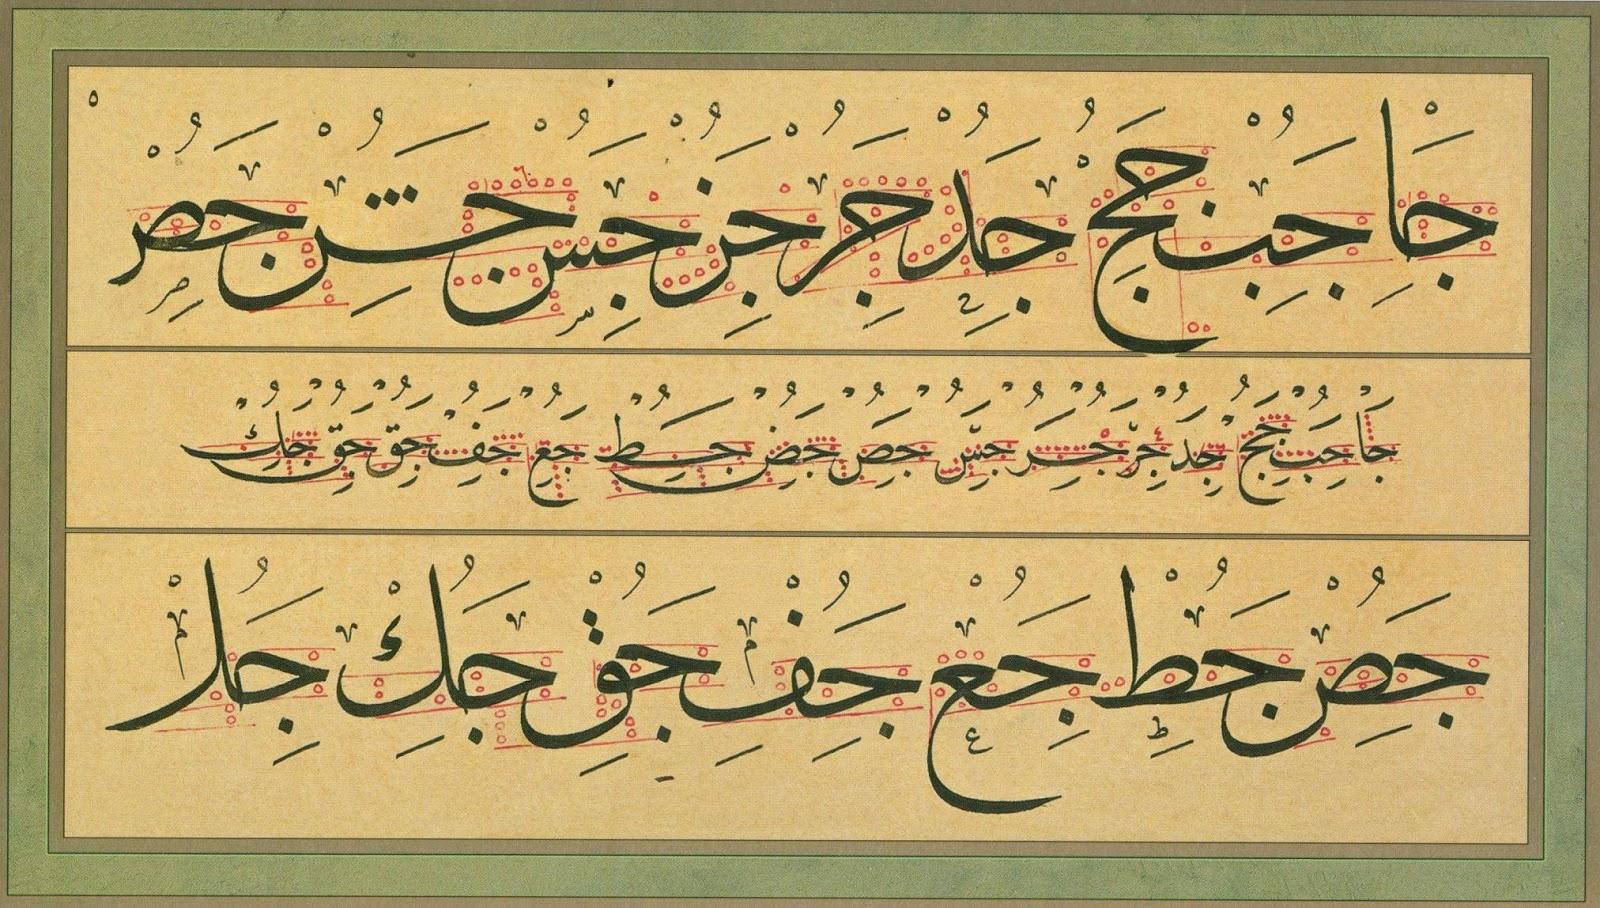 تعدد شكل الحرف الواحد في الخط العربي